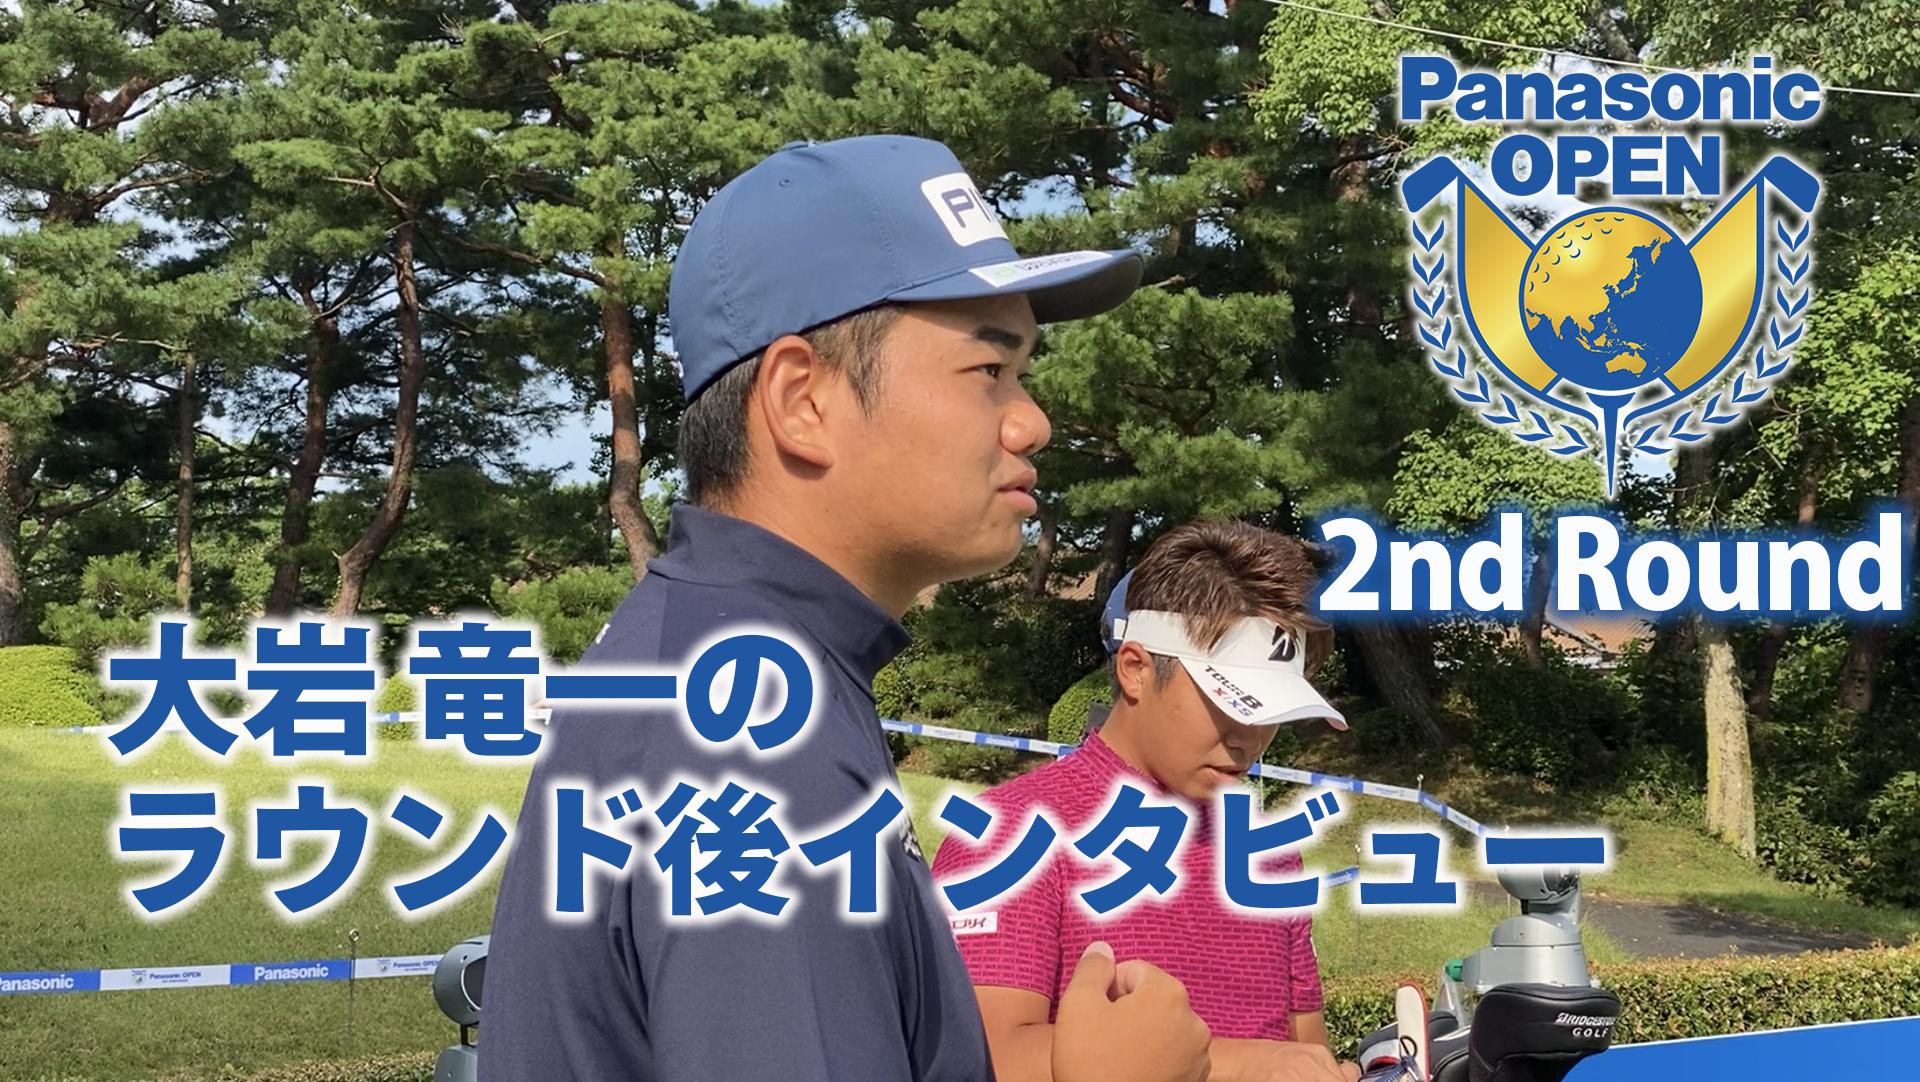 【男子ゴルフ】大岩龍一が通算10アンダーで2位タイ!パナソニックオープン ゴルフチャンピオンシップ 2nd Round